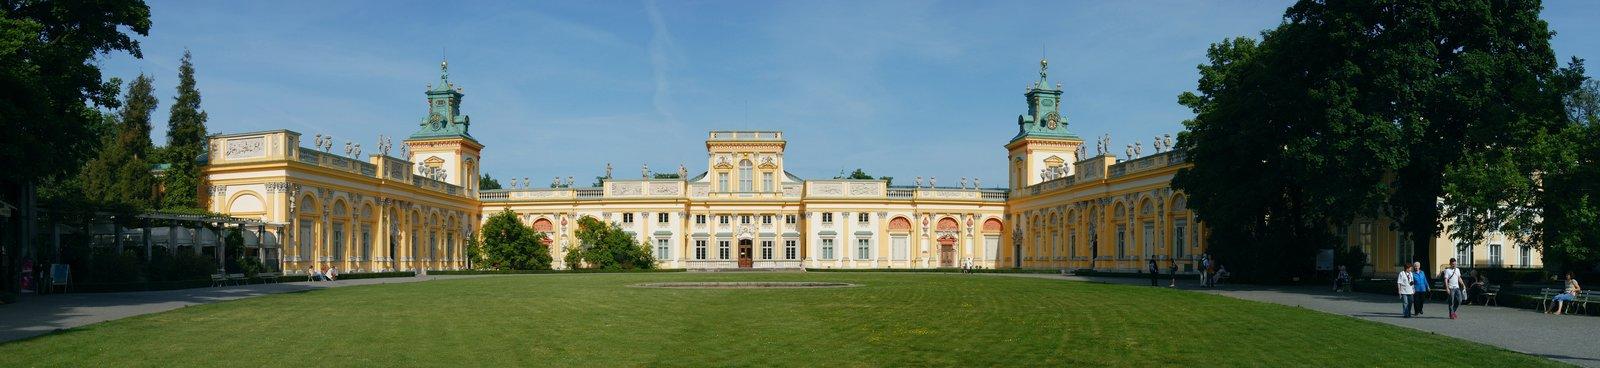 zdjęcie przedstawiaPałac wWilanowie, wktórymmieszkał Jana III Sobieski wraz zrodziną.